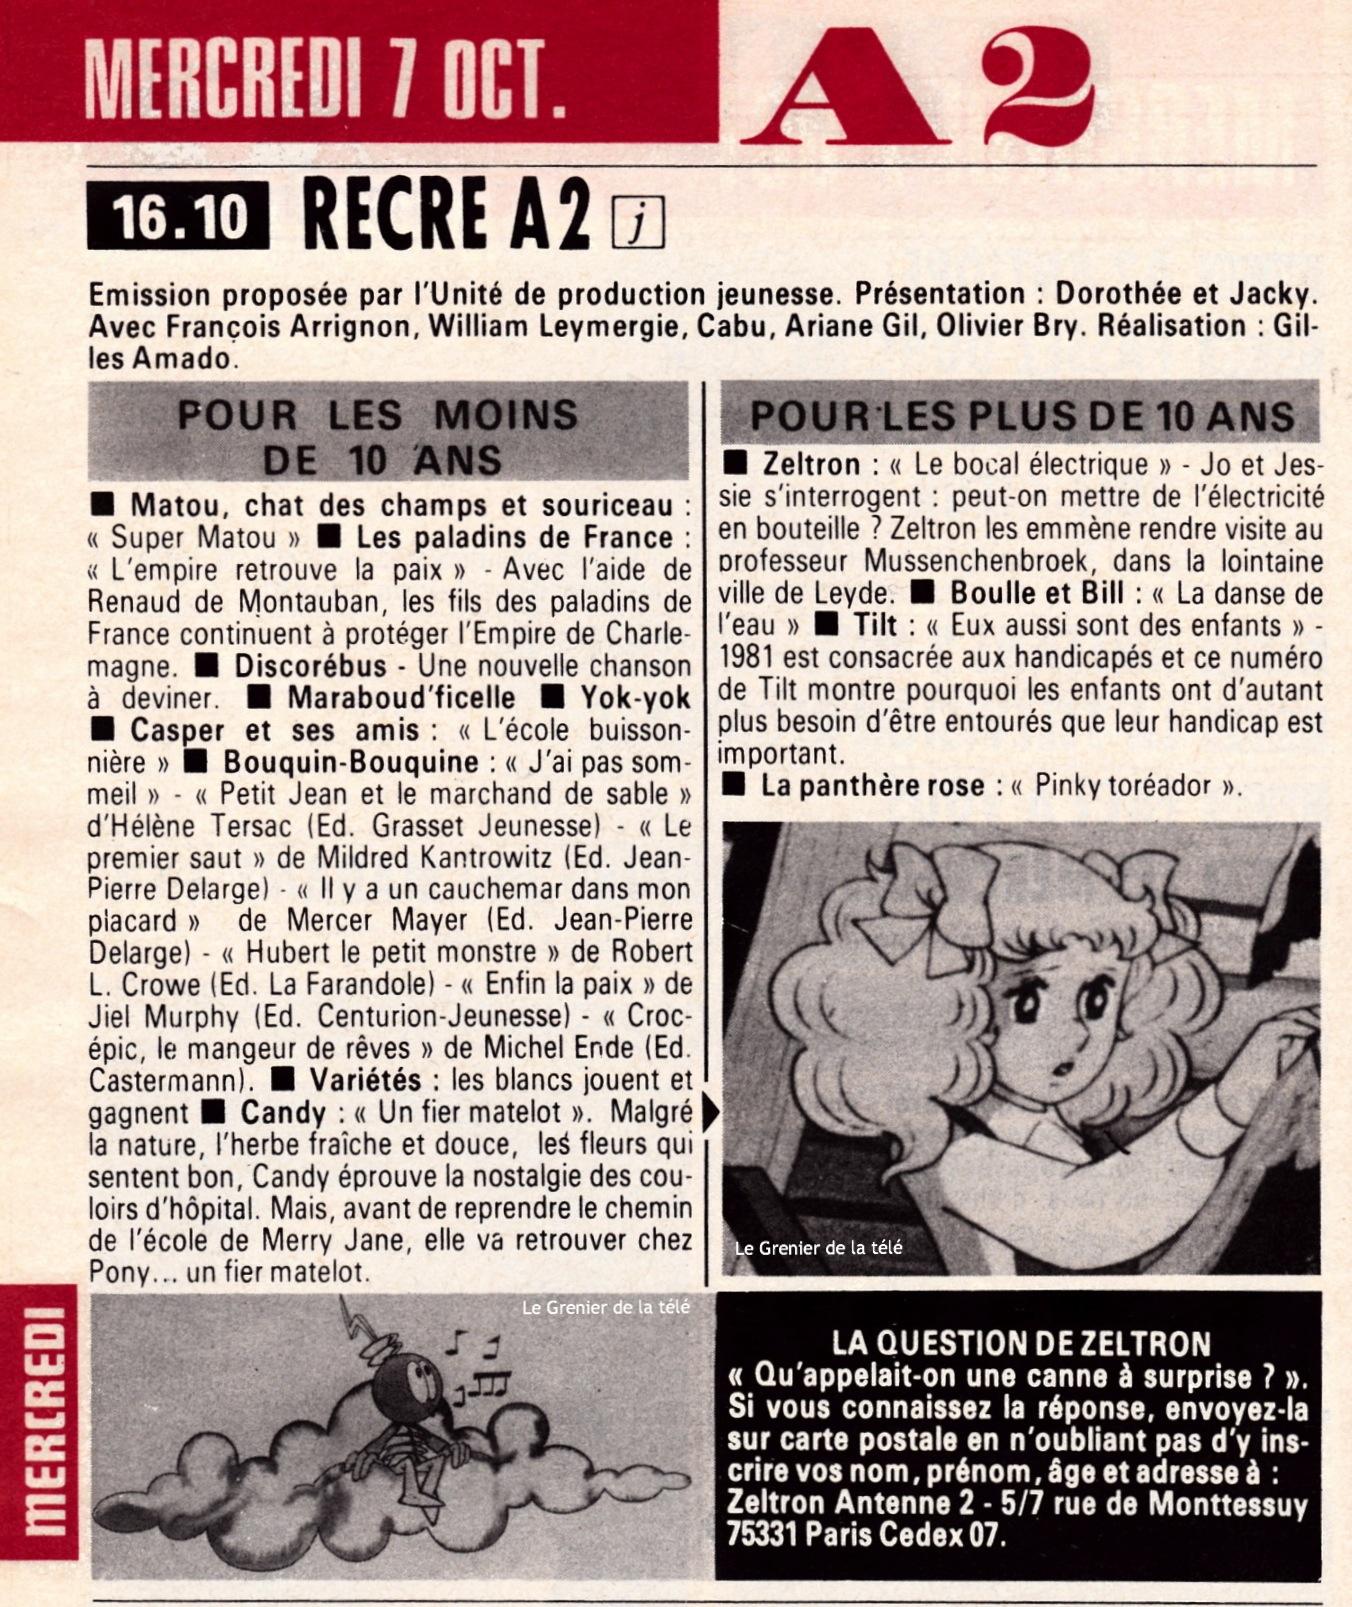 http://grenierdelatv.free.fr/2/recrea27octobre1981.jpg